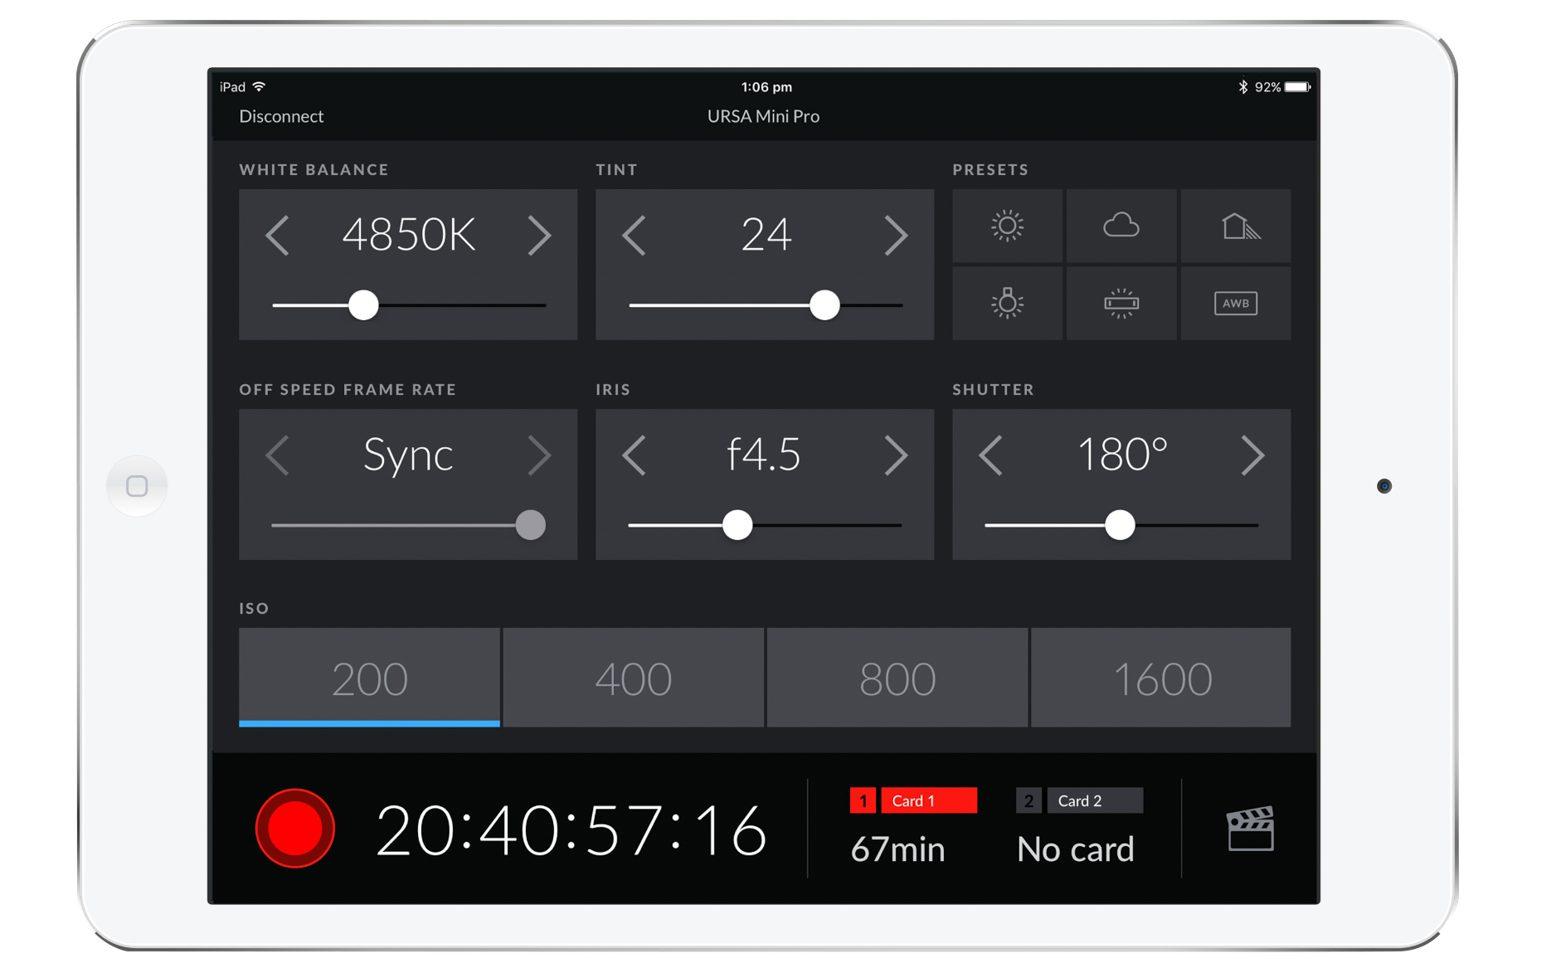 URSA Mini Pro 4 6K G2 Bluetooth With iPad